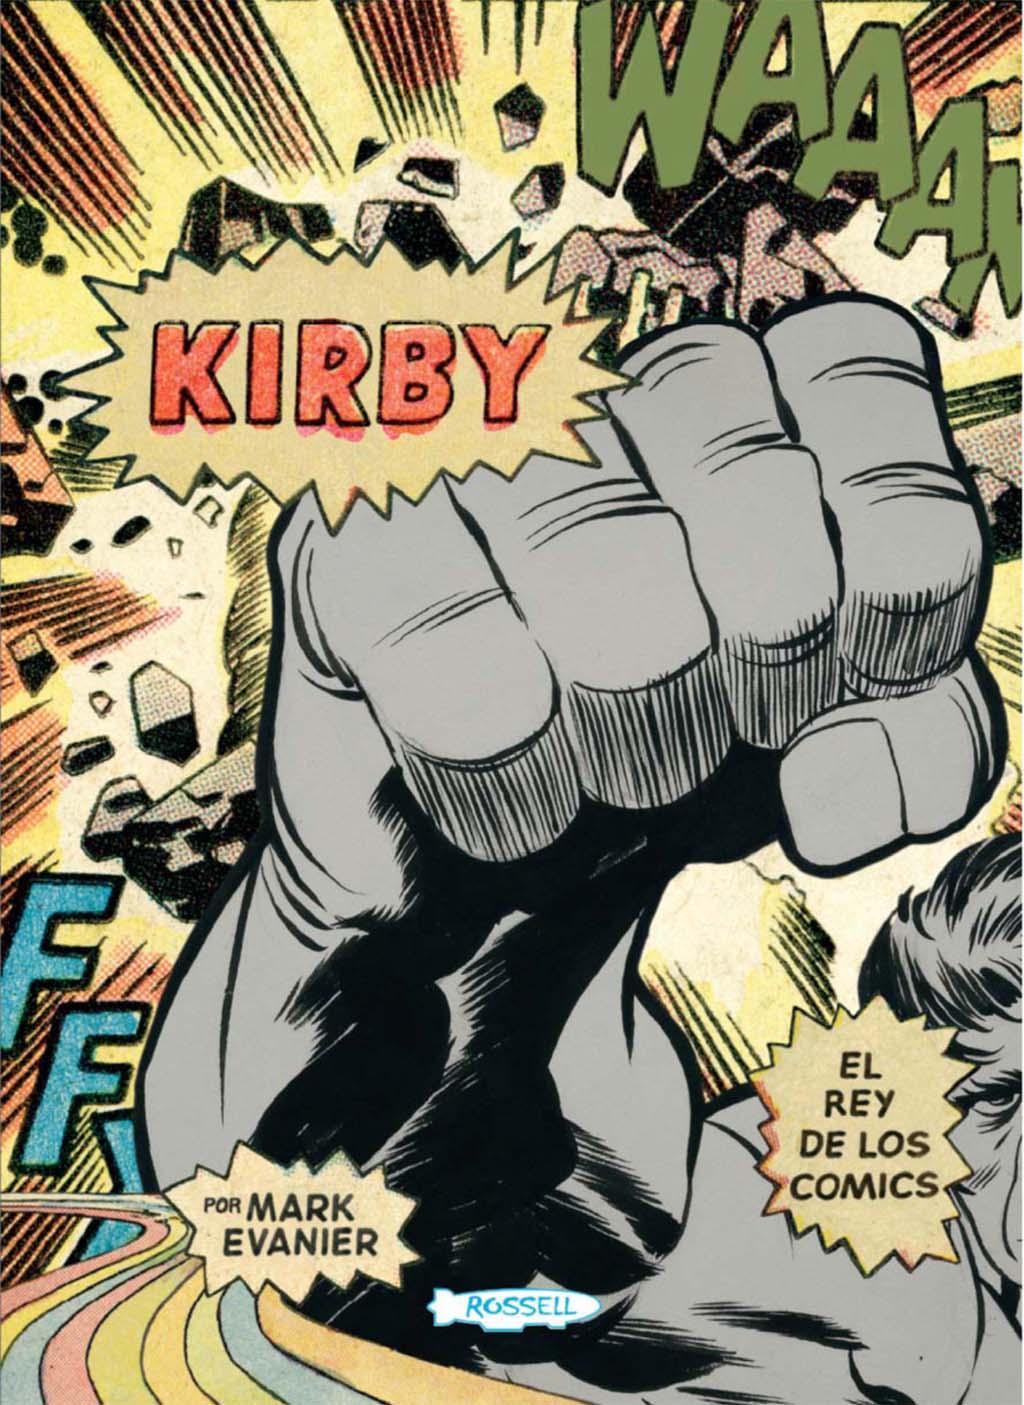 """""""Kirby. El rey de los cómics - Mark Evanier"""